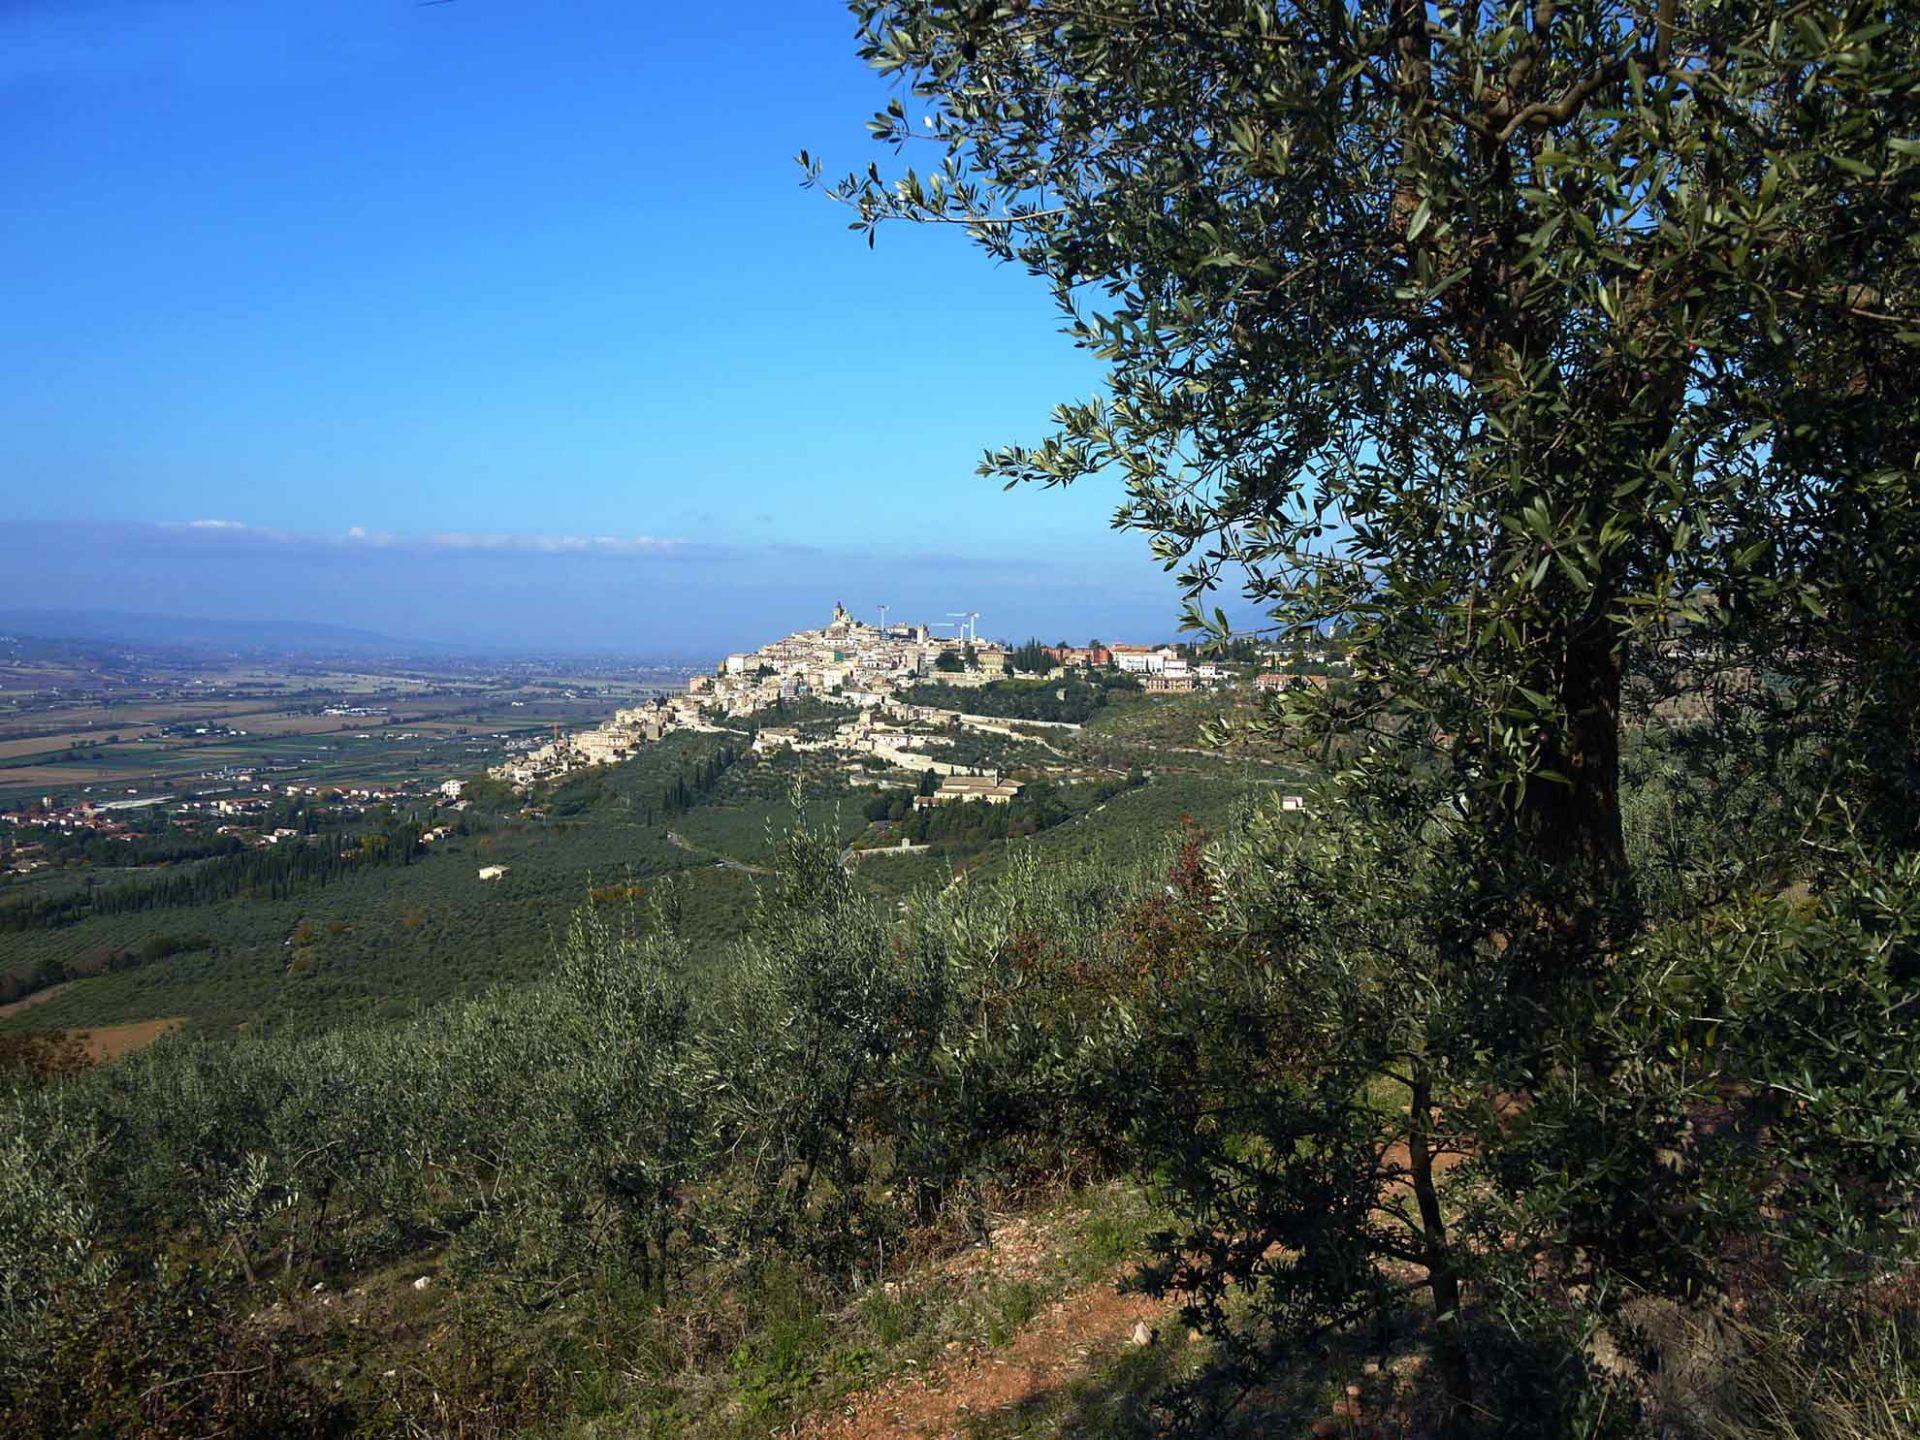 Trevi tra gli ulivi [foto di Giampaolo Filippucci & Tiziana Ravagli]